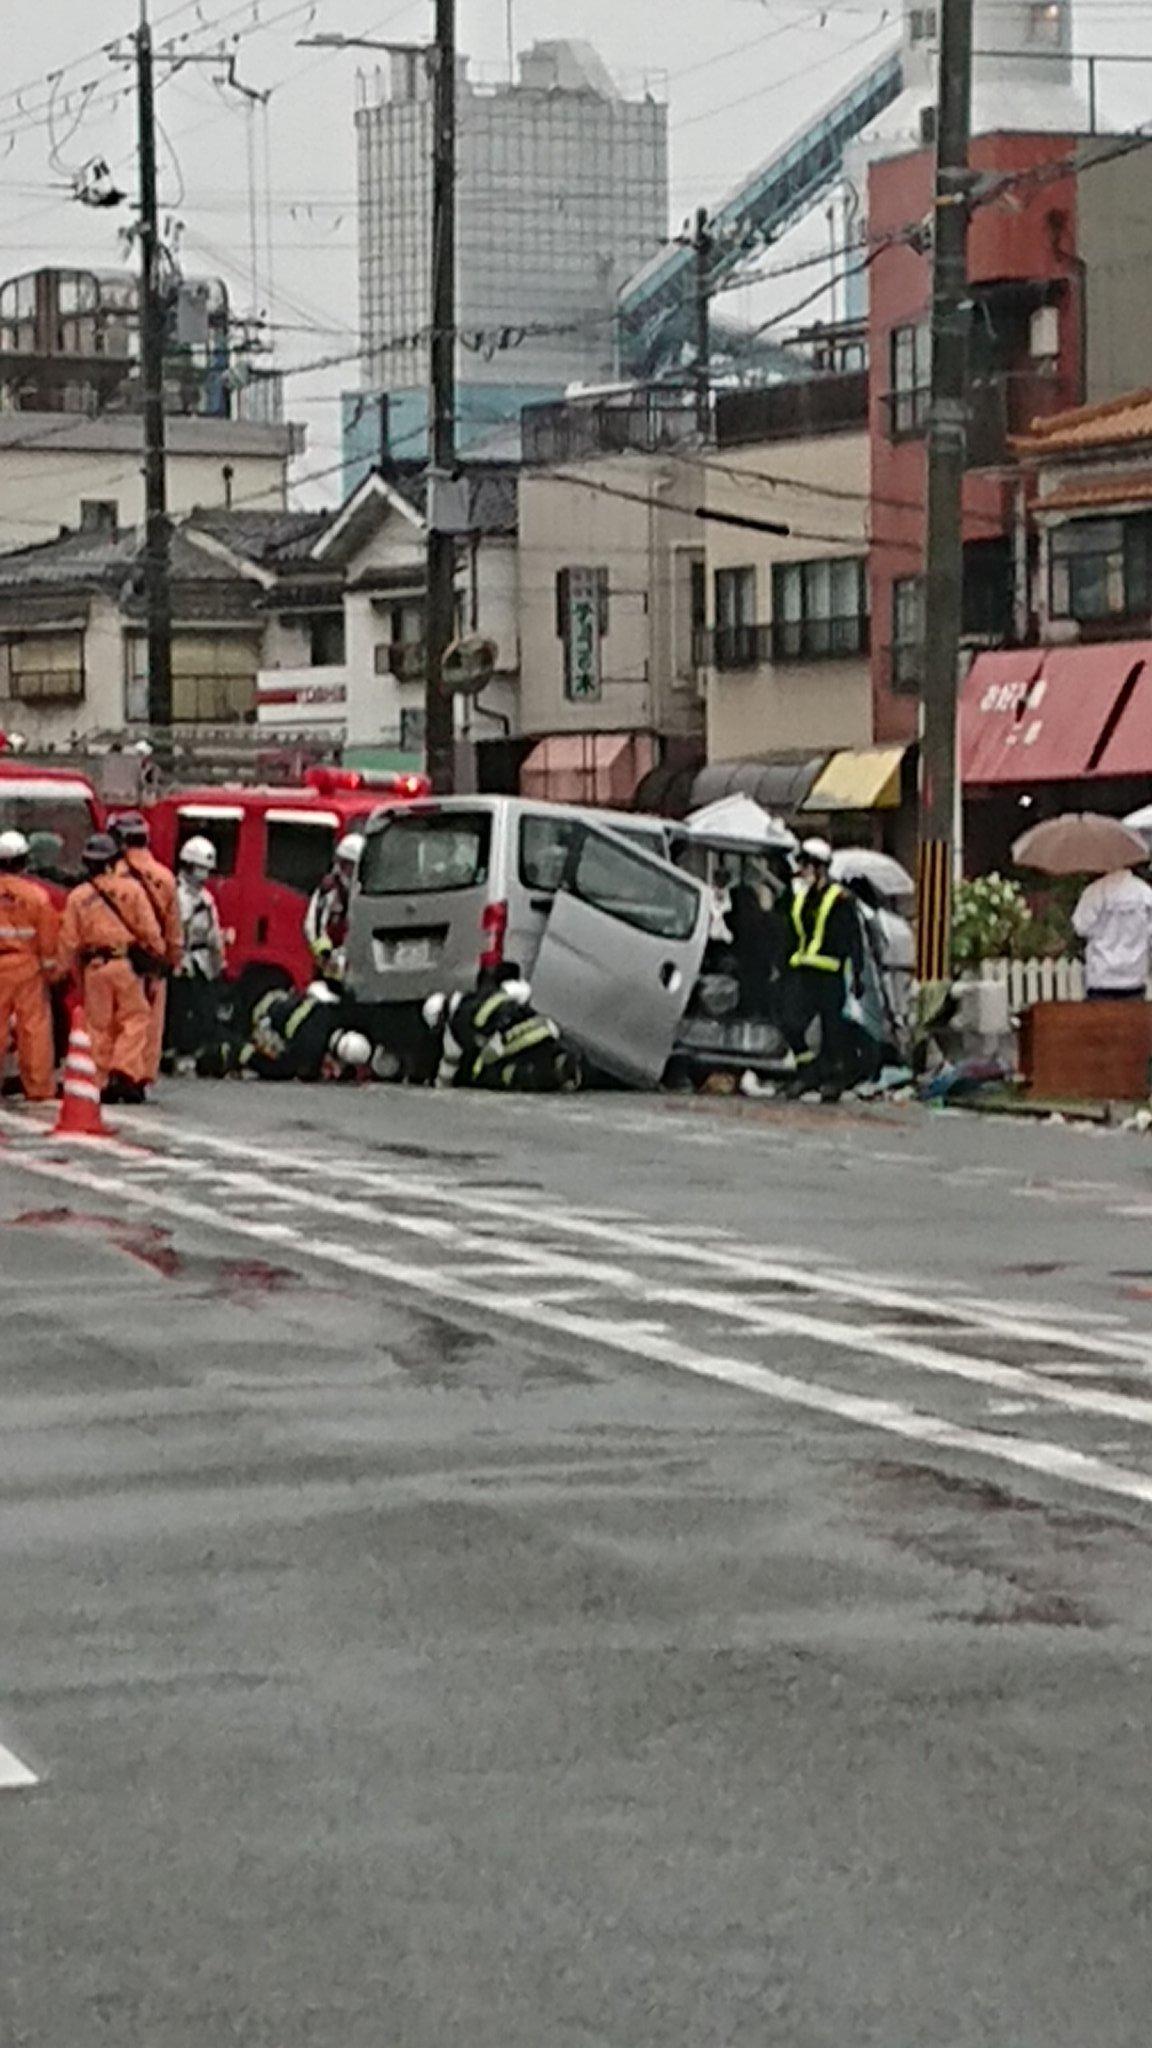 画像,家の裏の産業道路が賑やかだなーと思ってたら、また魔のカーブで結構な事故だった(´д`|||)#交通事故#魔のカーブ https://t.co/YYuSZOjO2…